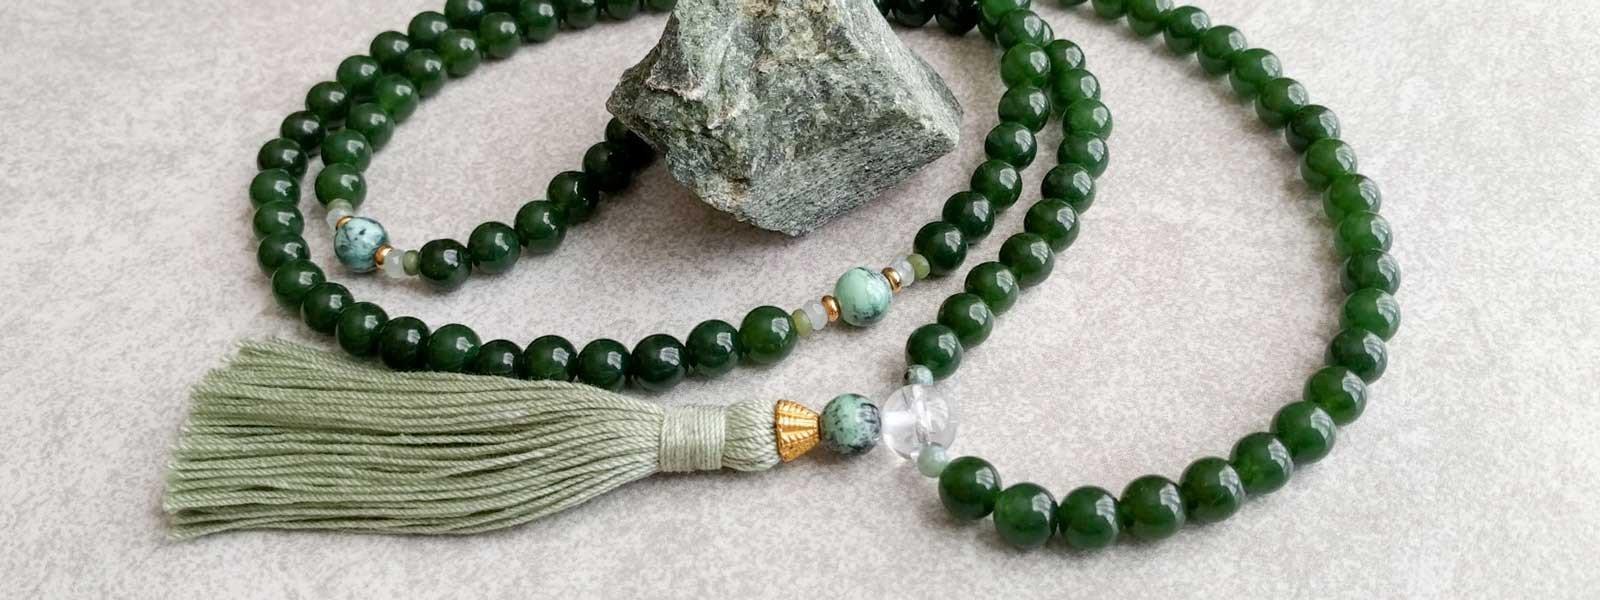 Mala Beads Bracelets Meaning